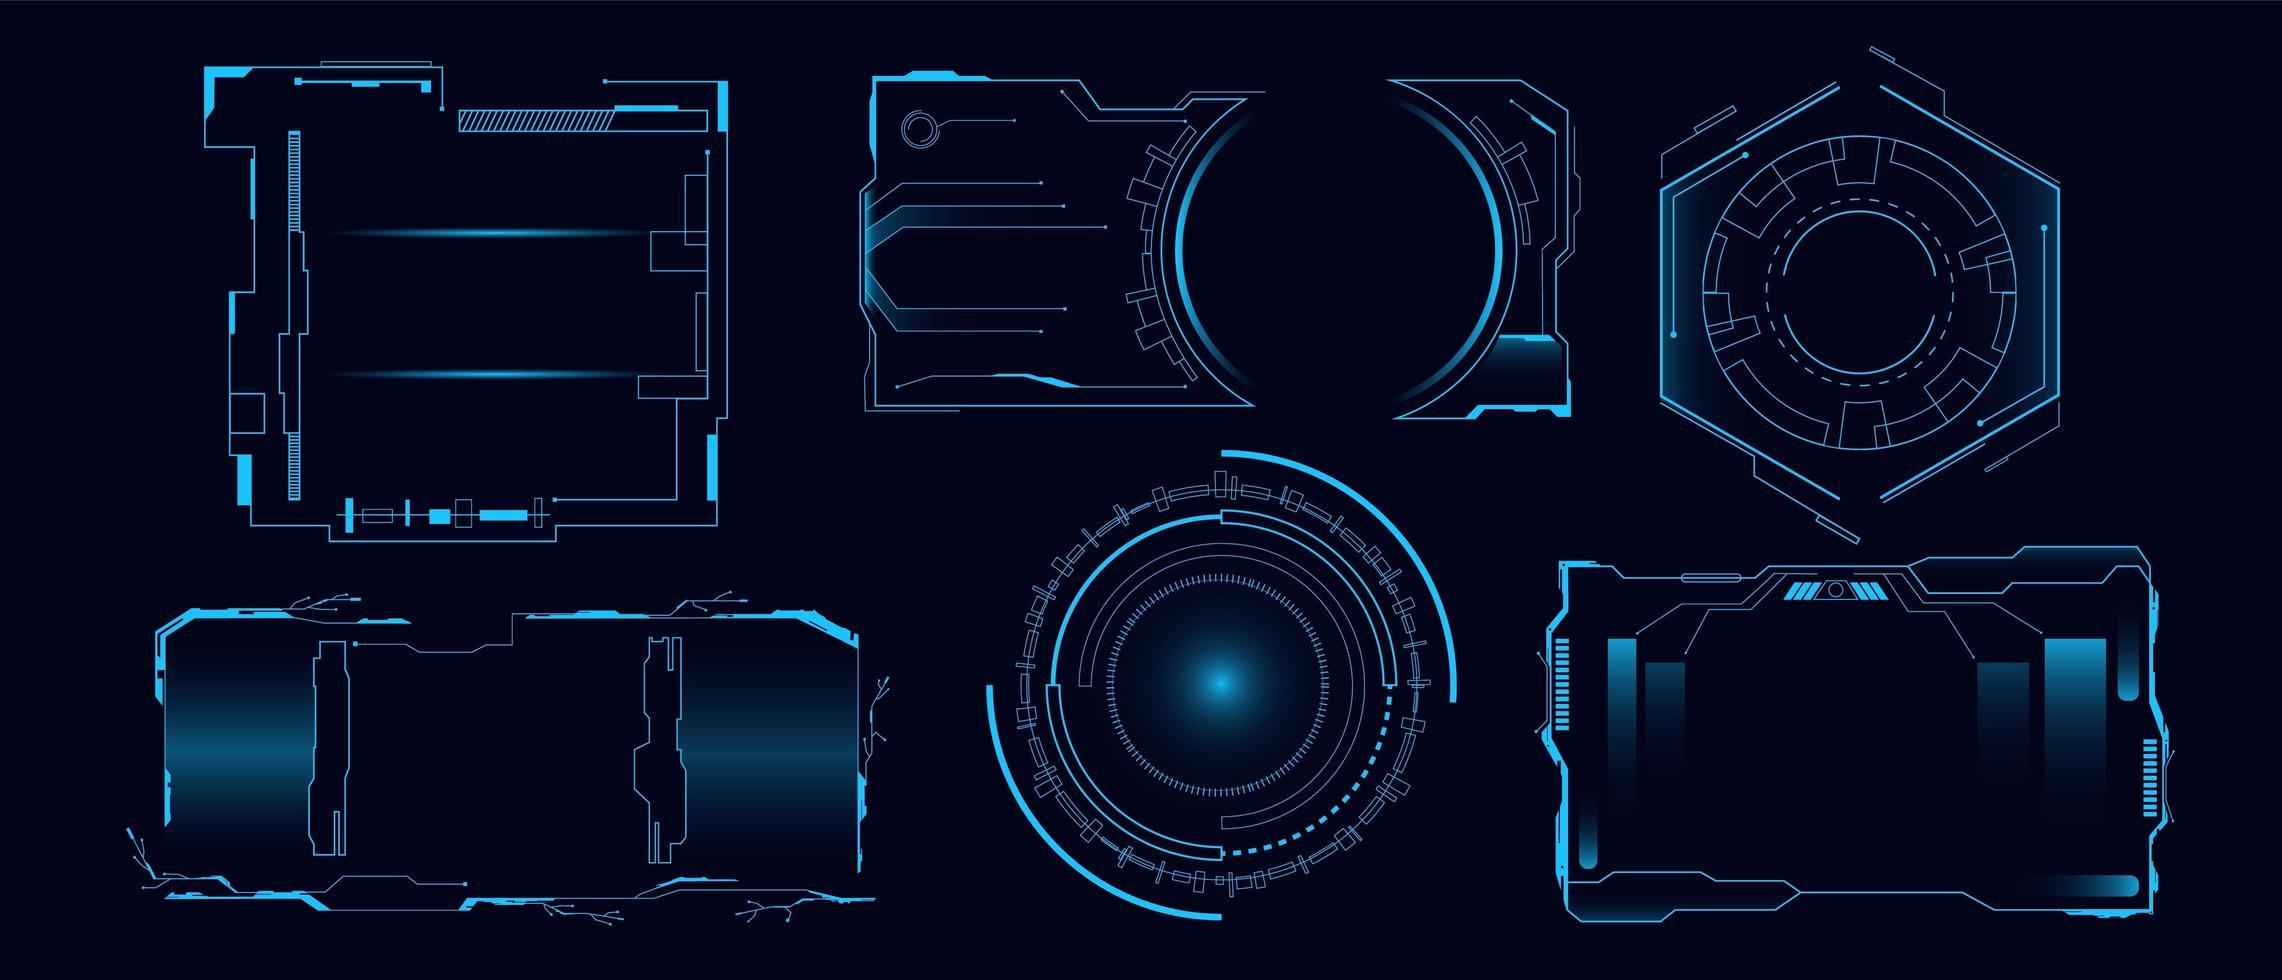 Satz futuristischer Hi-Tech-Hud-Schnittstelle vektor